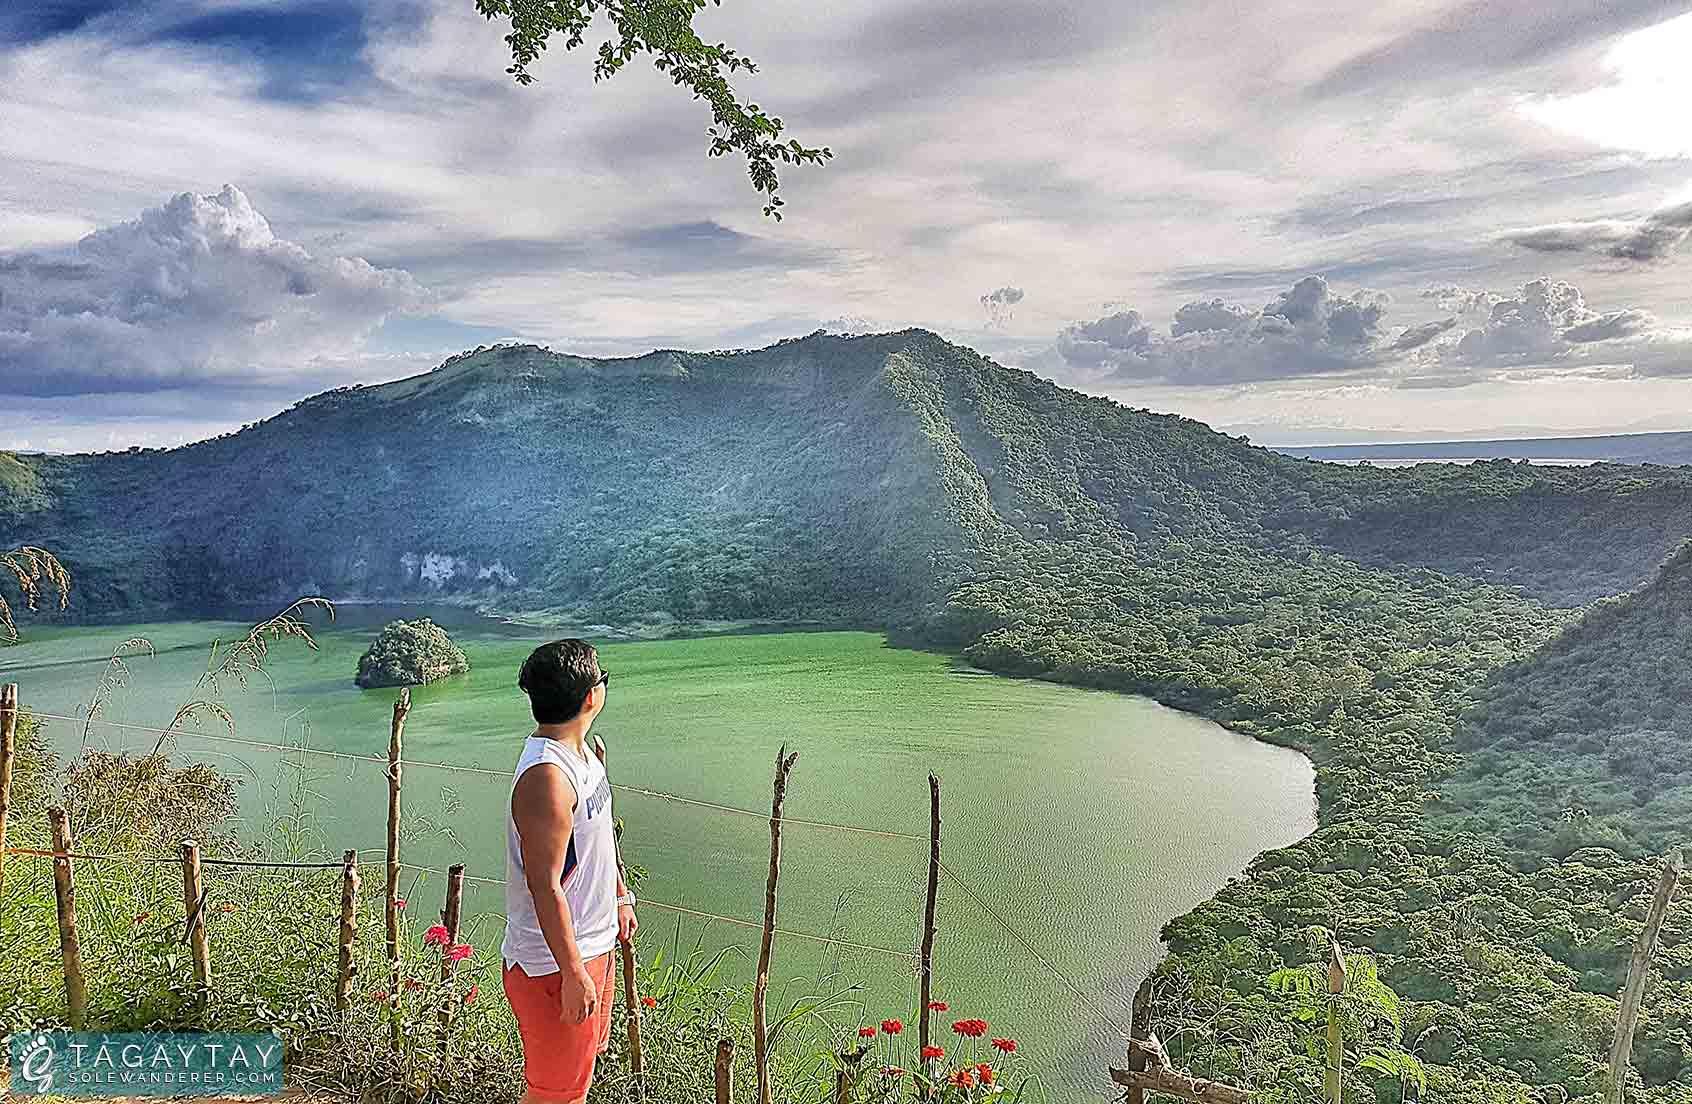 Taal Volcano Talisay Batangas